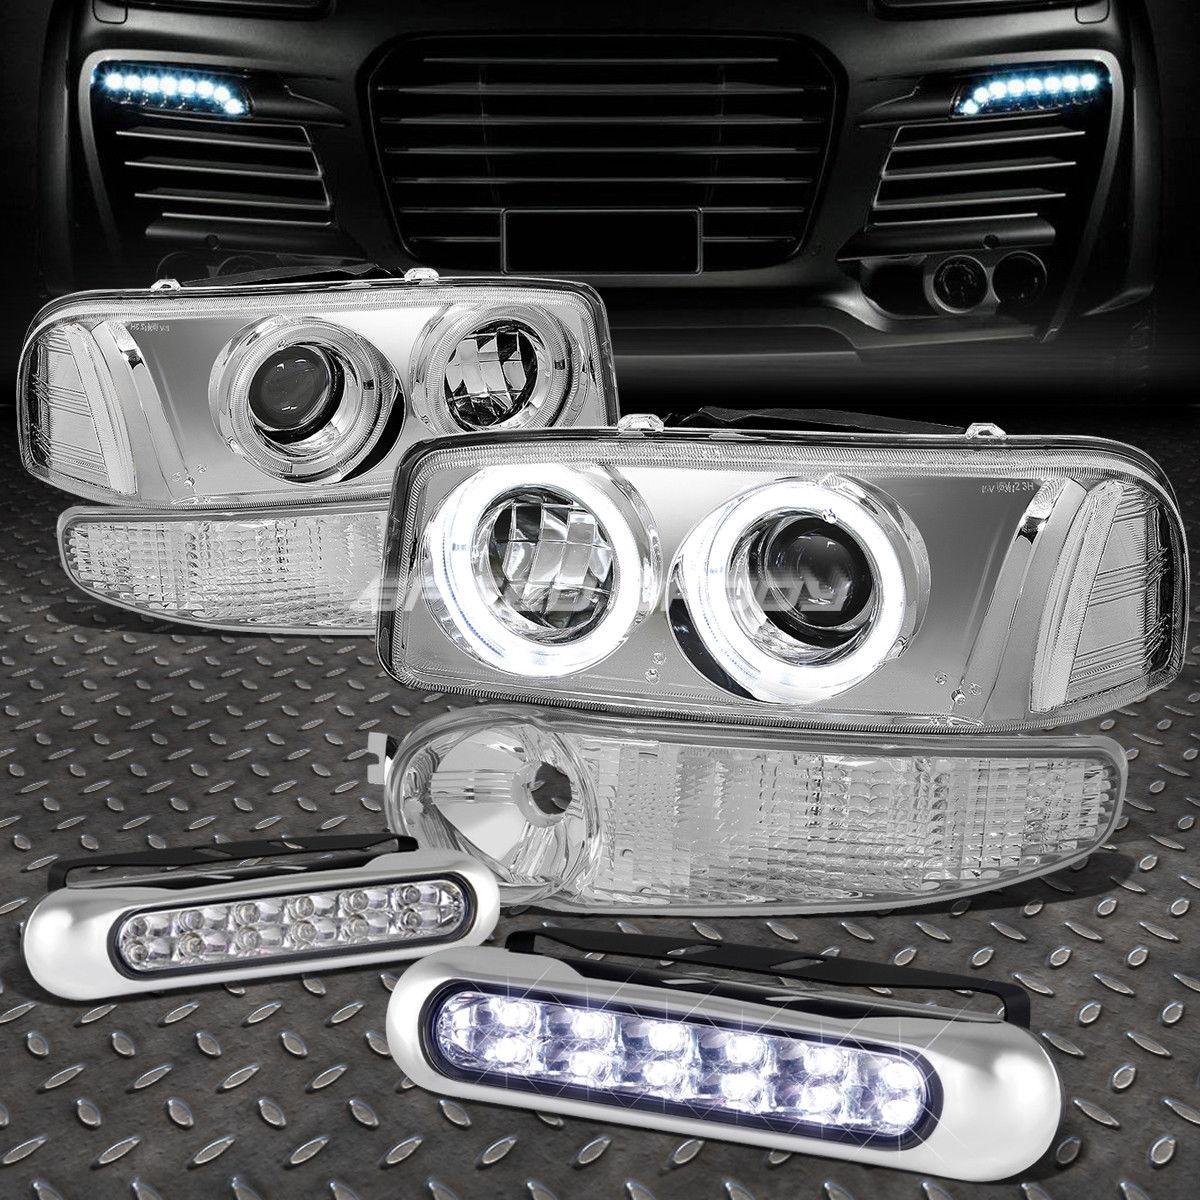 フォグライト CHROME CLEAR PROJECTOR HEADLIGHT+12 LED GRILL FOG LIGHT FOR 00-07 SIERRA/YUKON CHROME CLEAR PROJECTOR HEADLIGHT + 00-07 SIERRA / YUKON用LEDグリルフォグライト